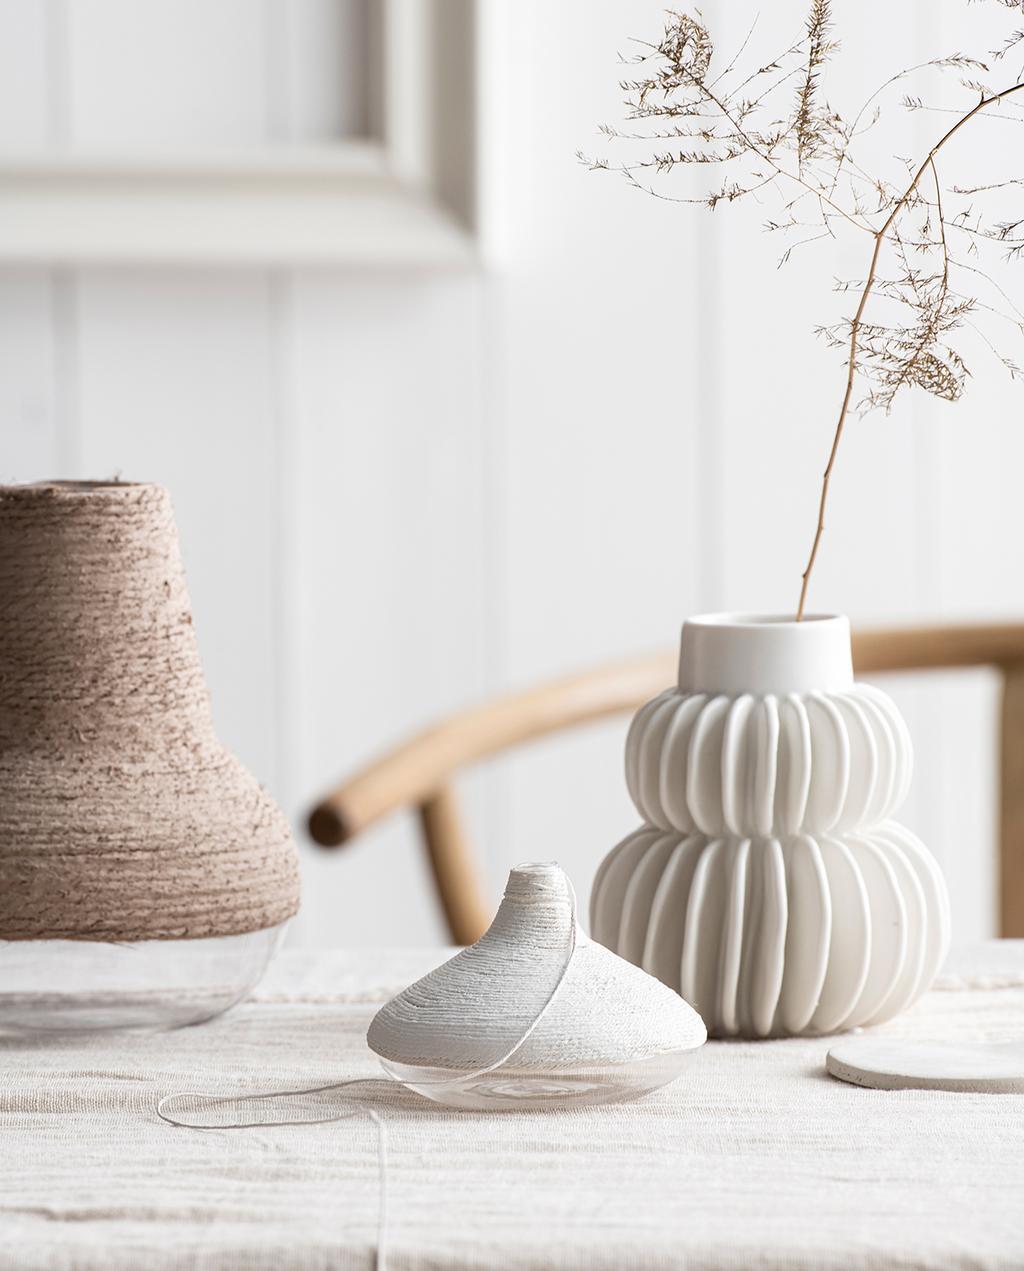 vtwonen 07-2021 | drie vazen op een houten tafel met houten stoel